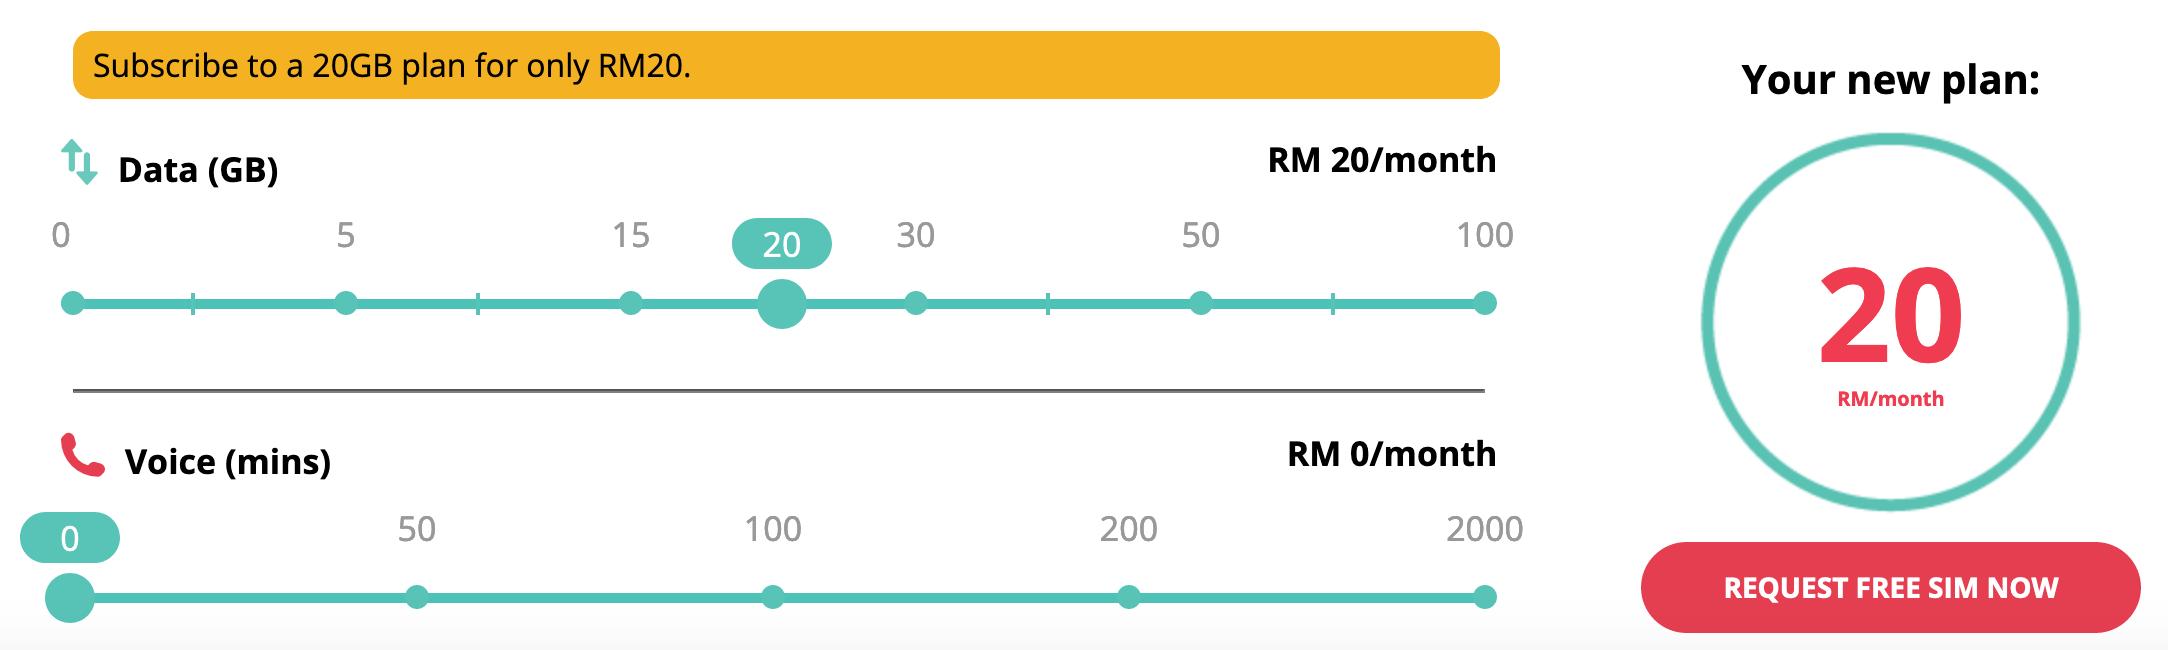 Yoodo RM20 20GB